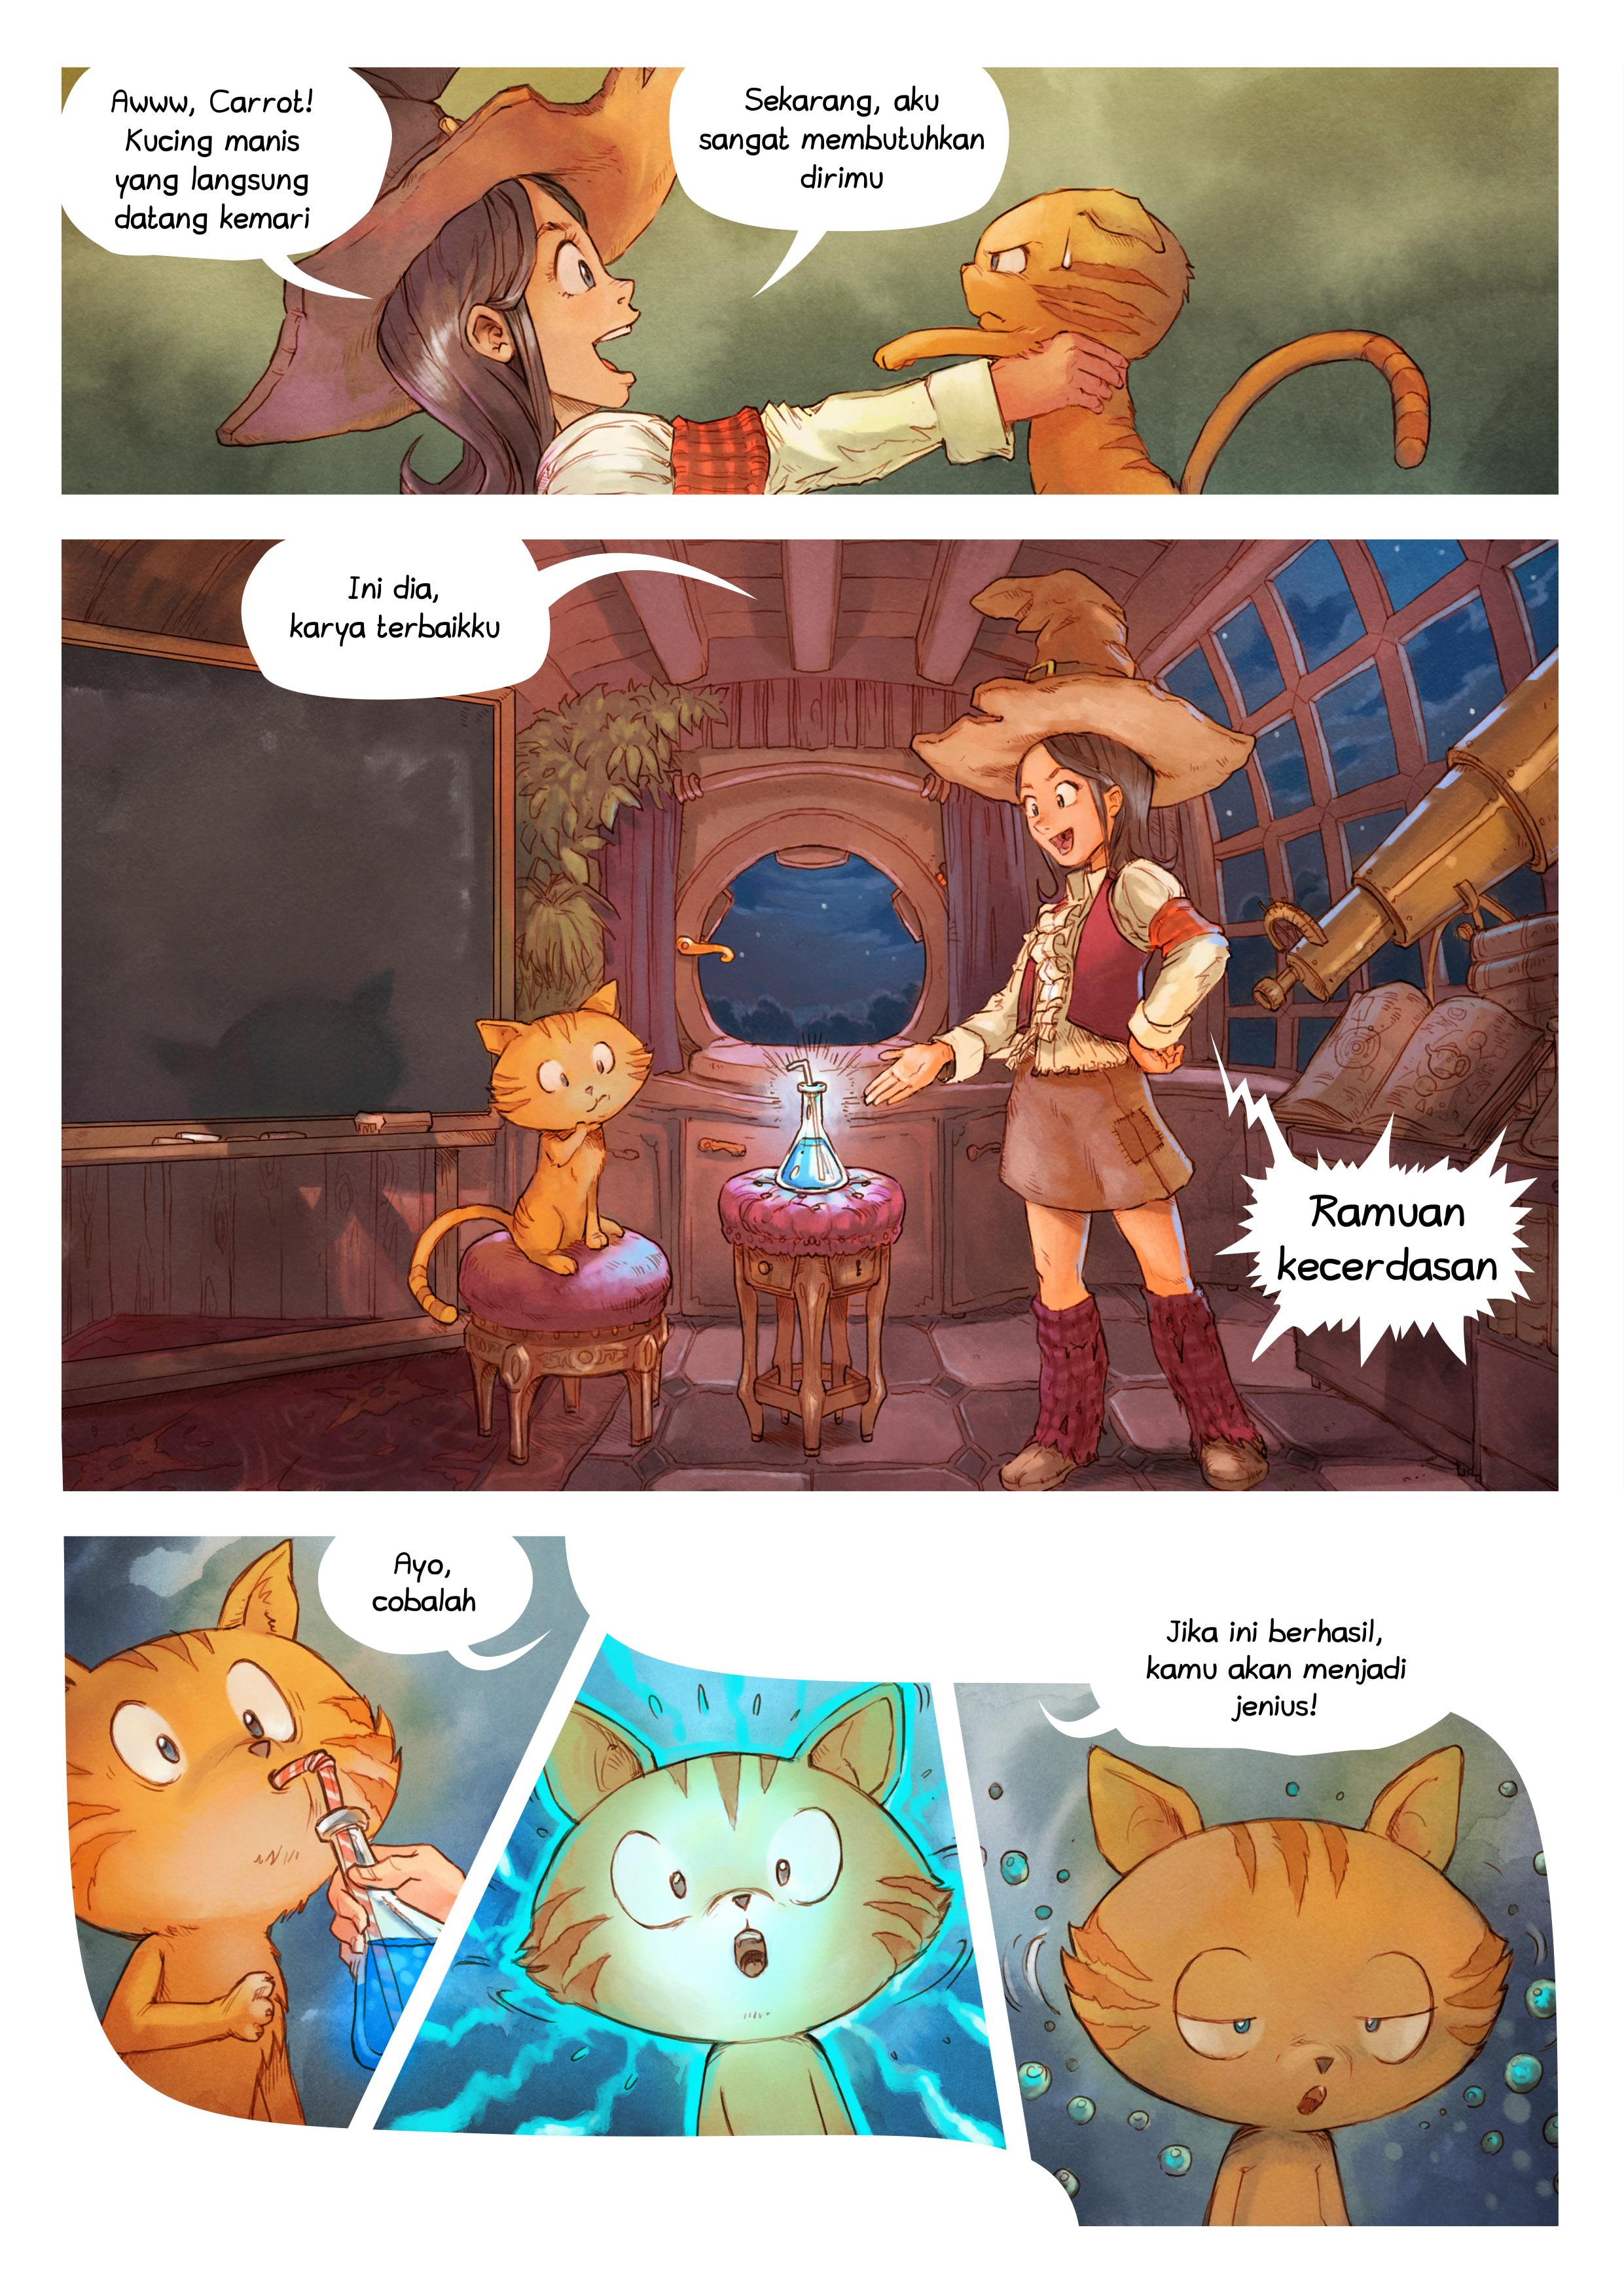 Episode 4: Ramuan kecerdasan, Page 3